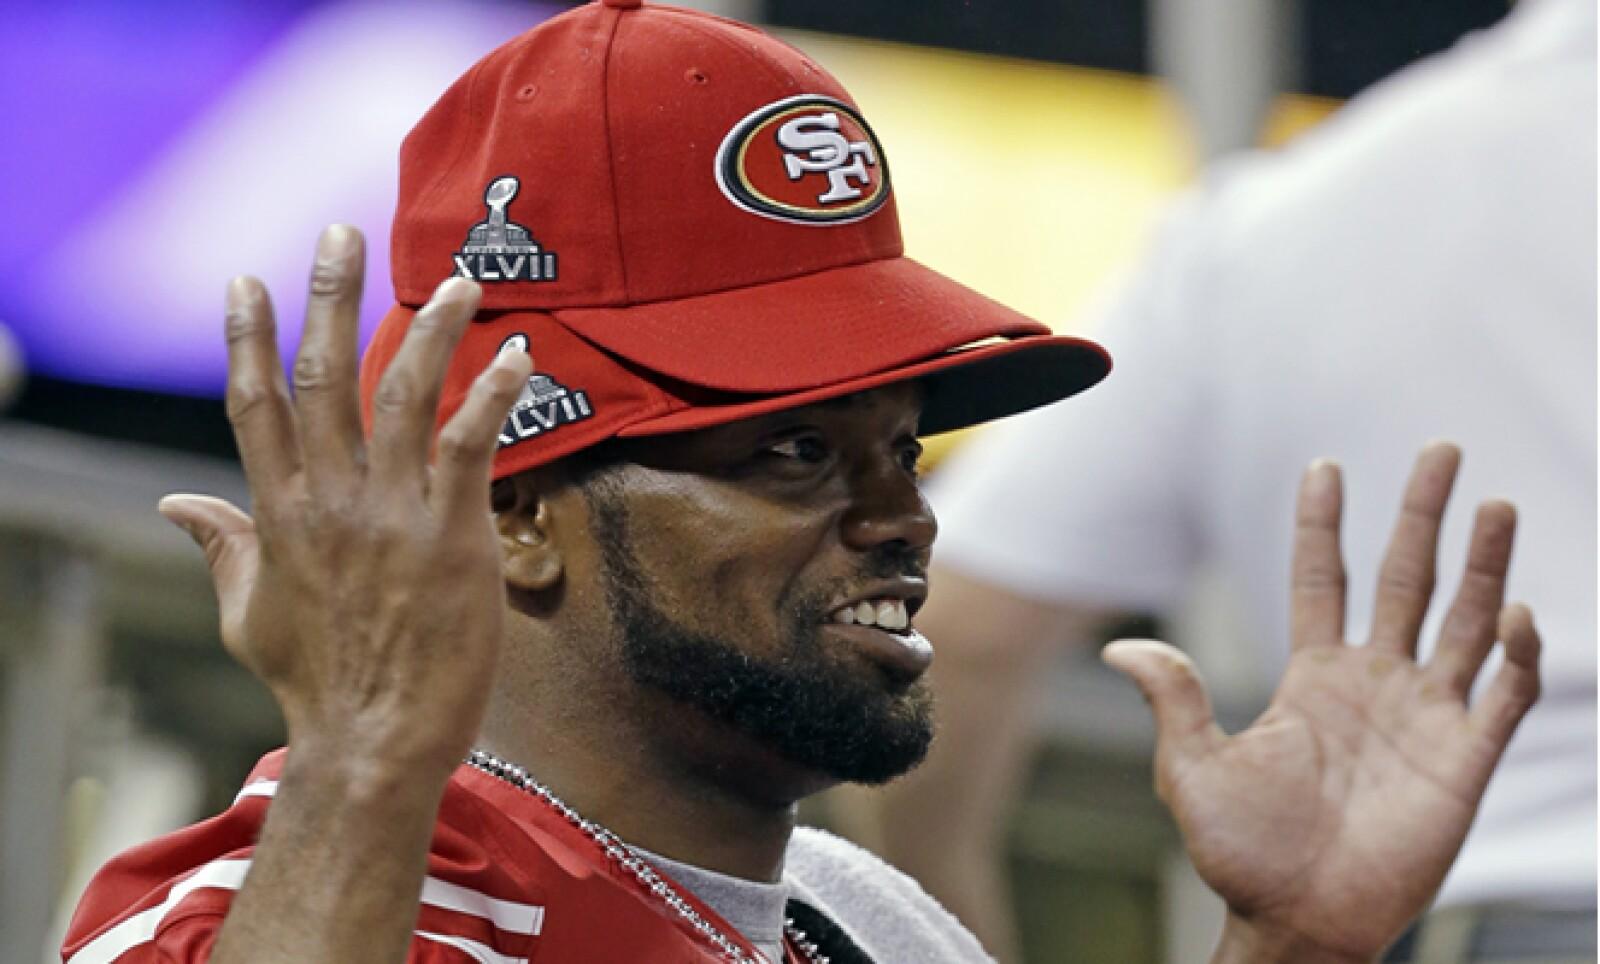 El receptor de los 49's, Randy Moss, usa varias gorras conmemorativas del Super Bowl. Los anuncios de 30 segundos se han vendido por más de 4 millones de dólares.